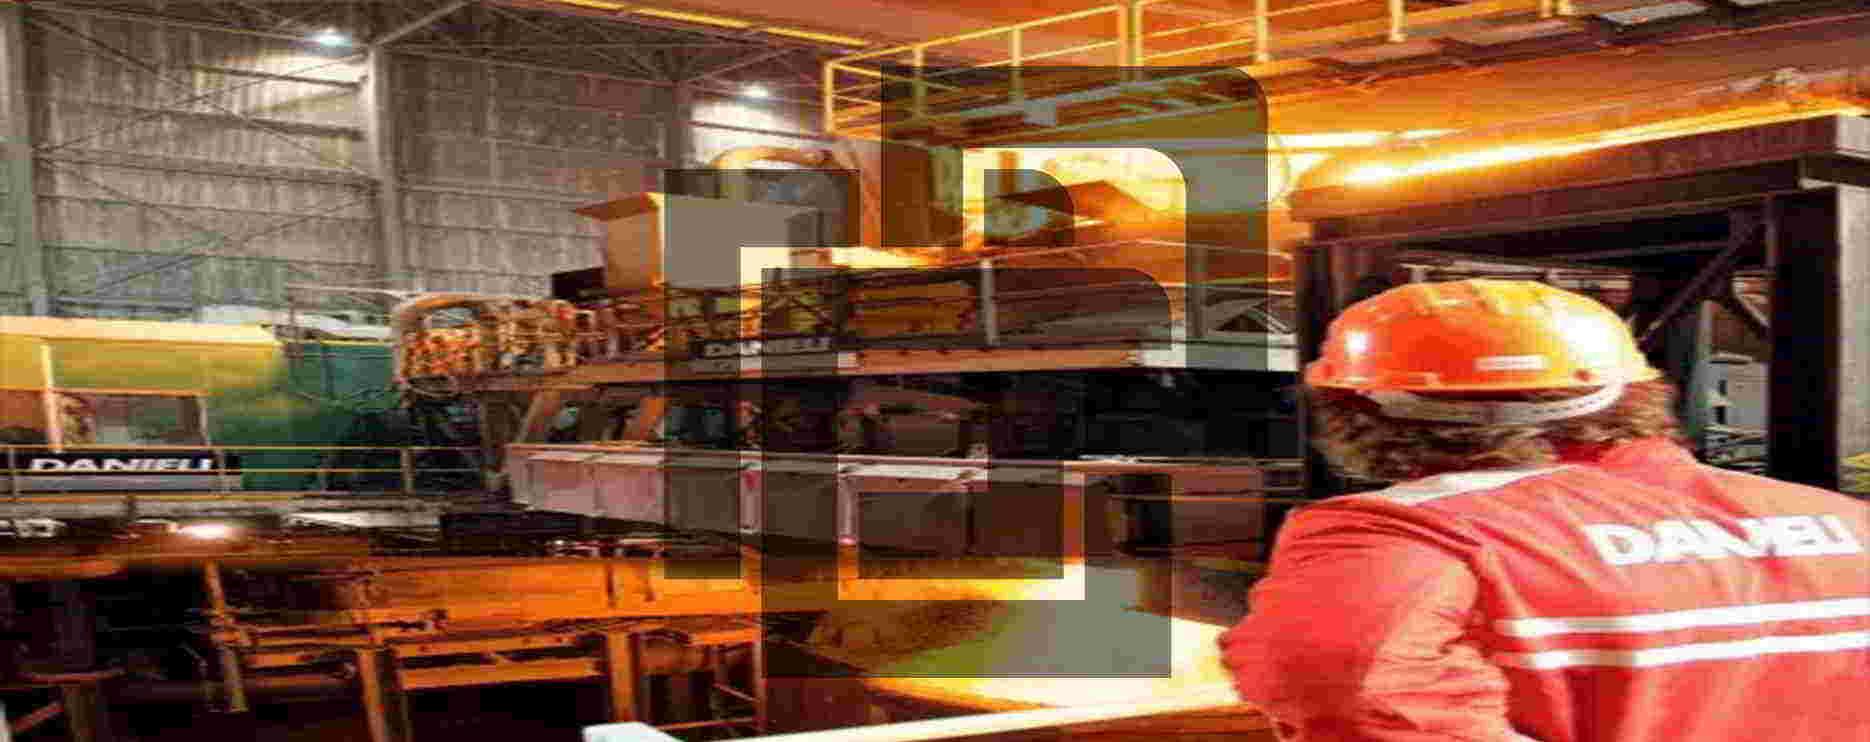 کمپانی فولاد سازی دنیلی در یک نگاه